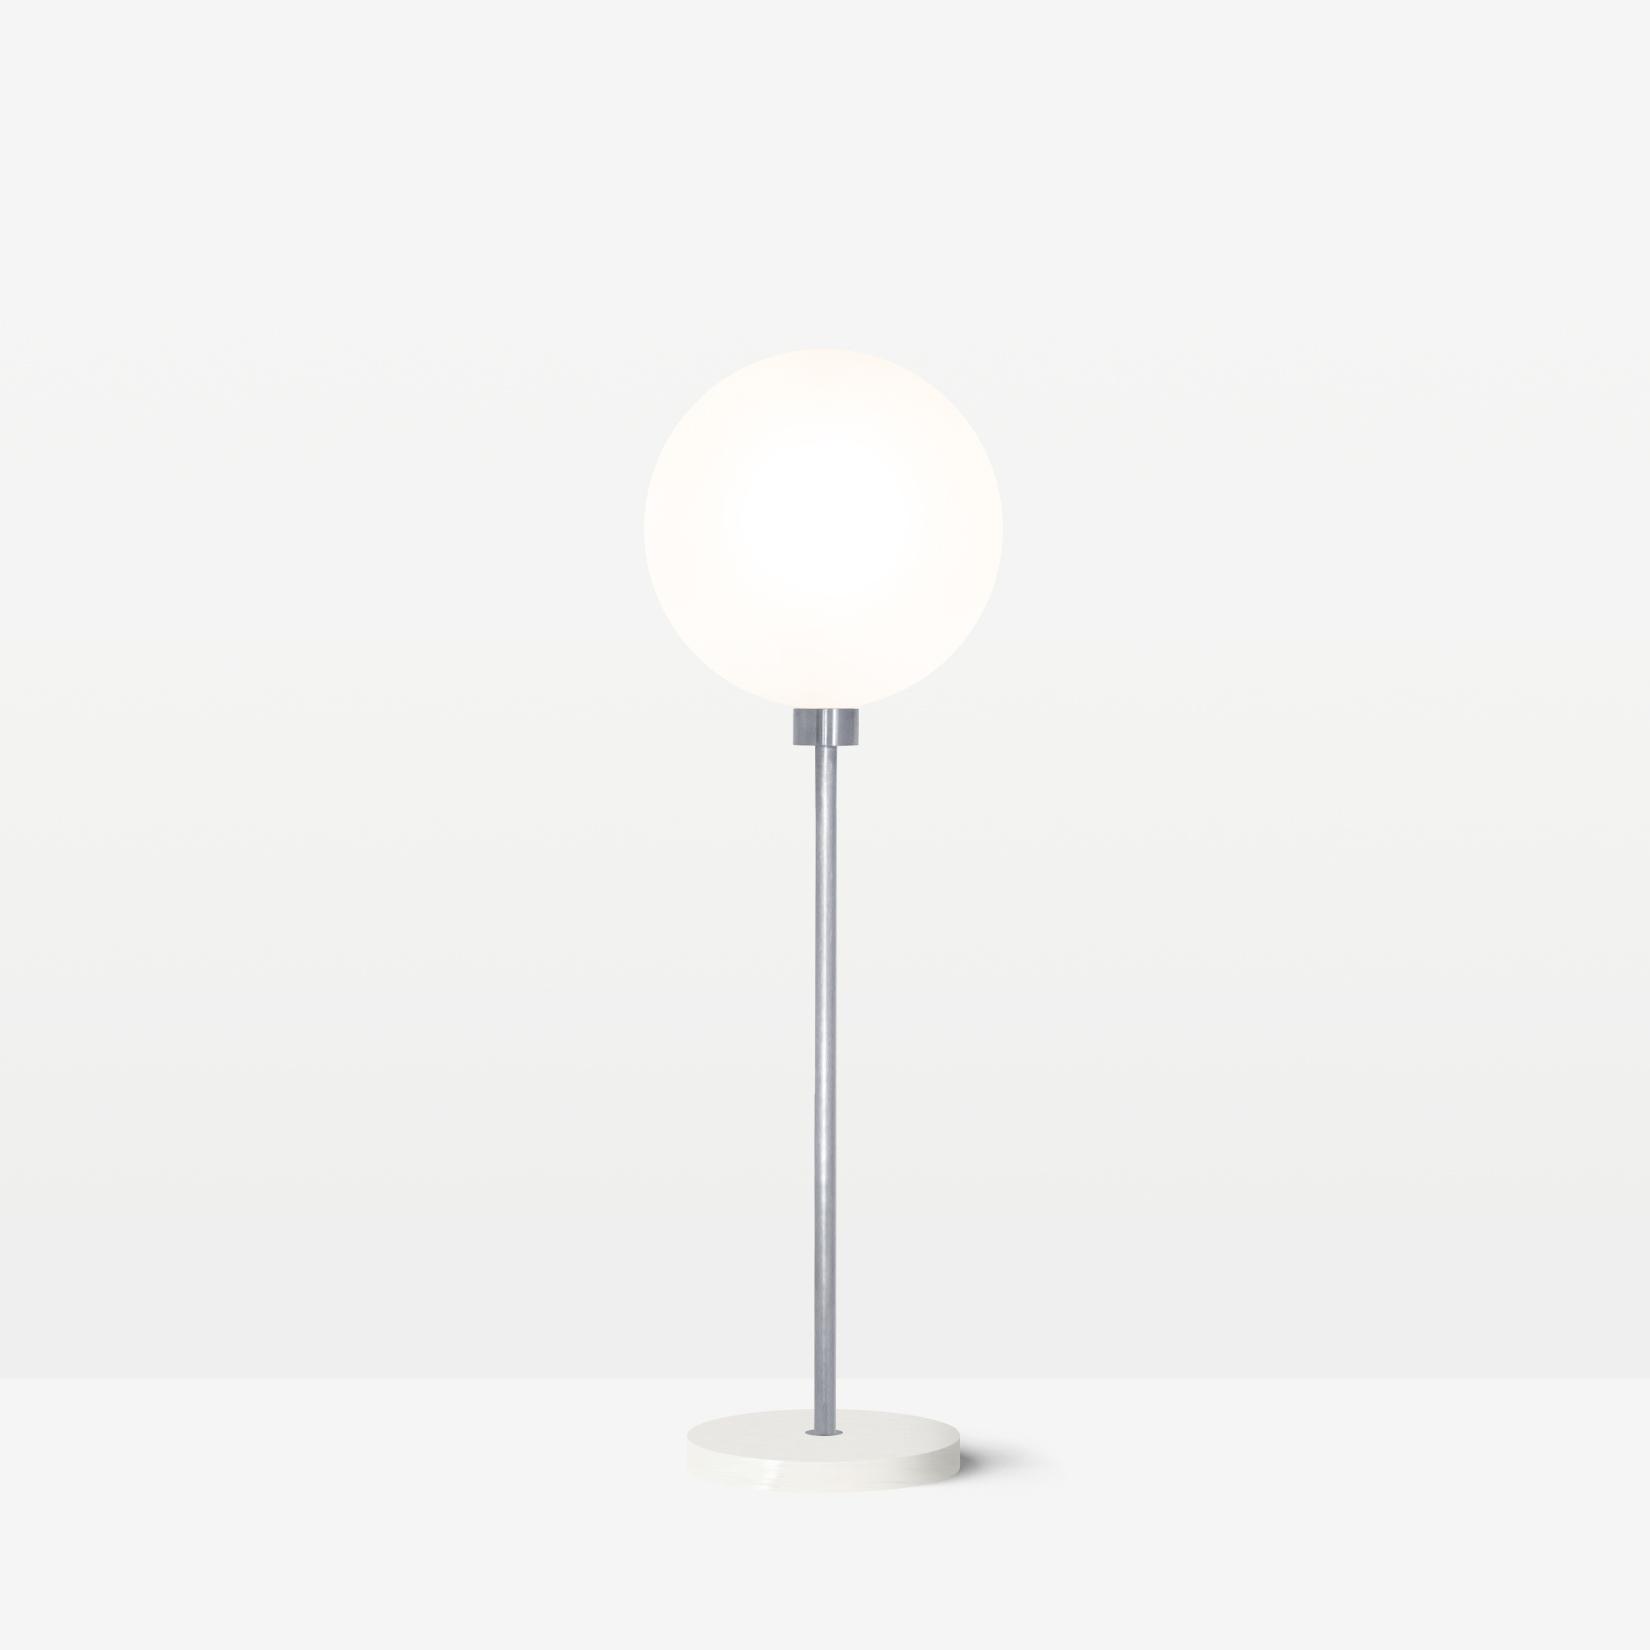 Светильник настольный Onis белый мрамор - вид 4